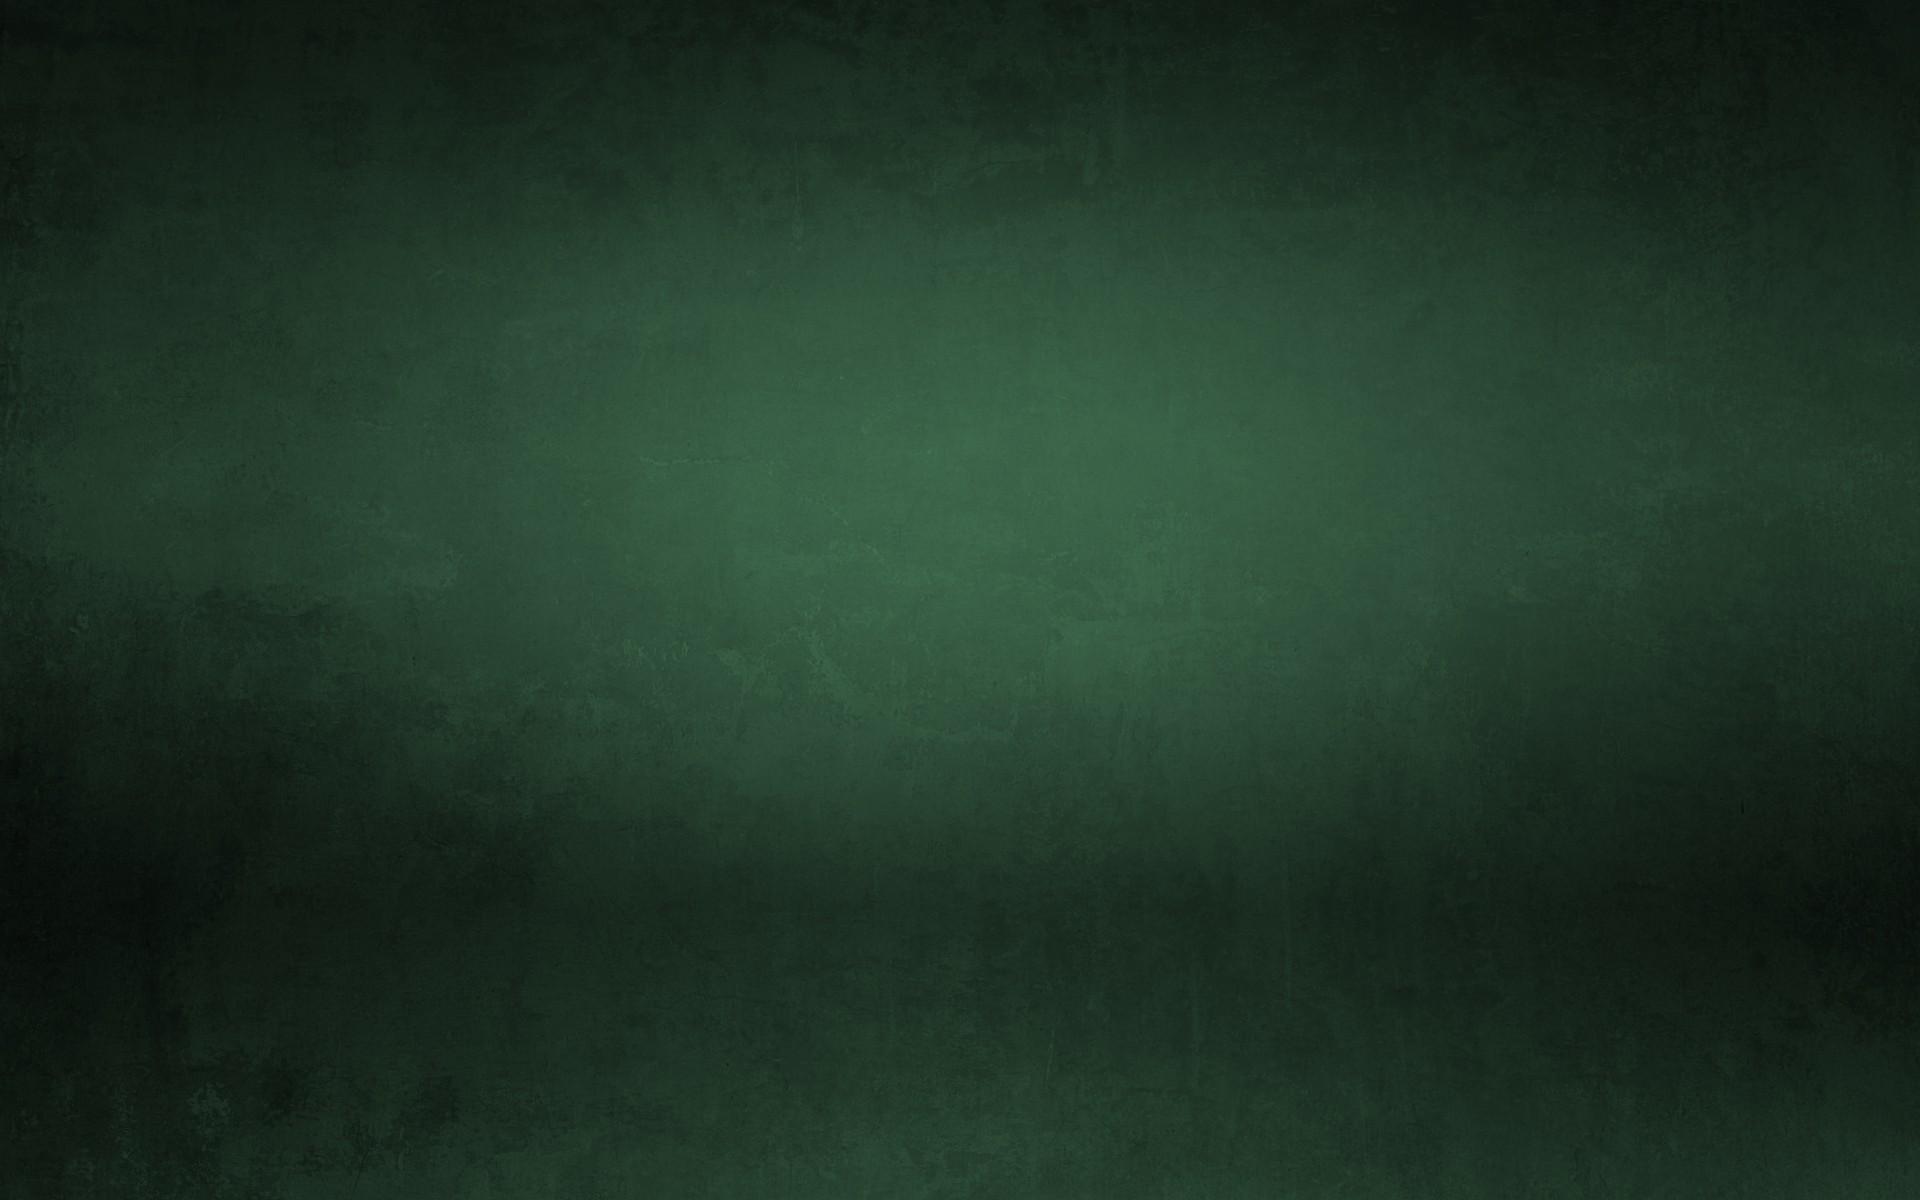 Dark Green Background Wallpaper